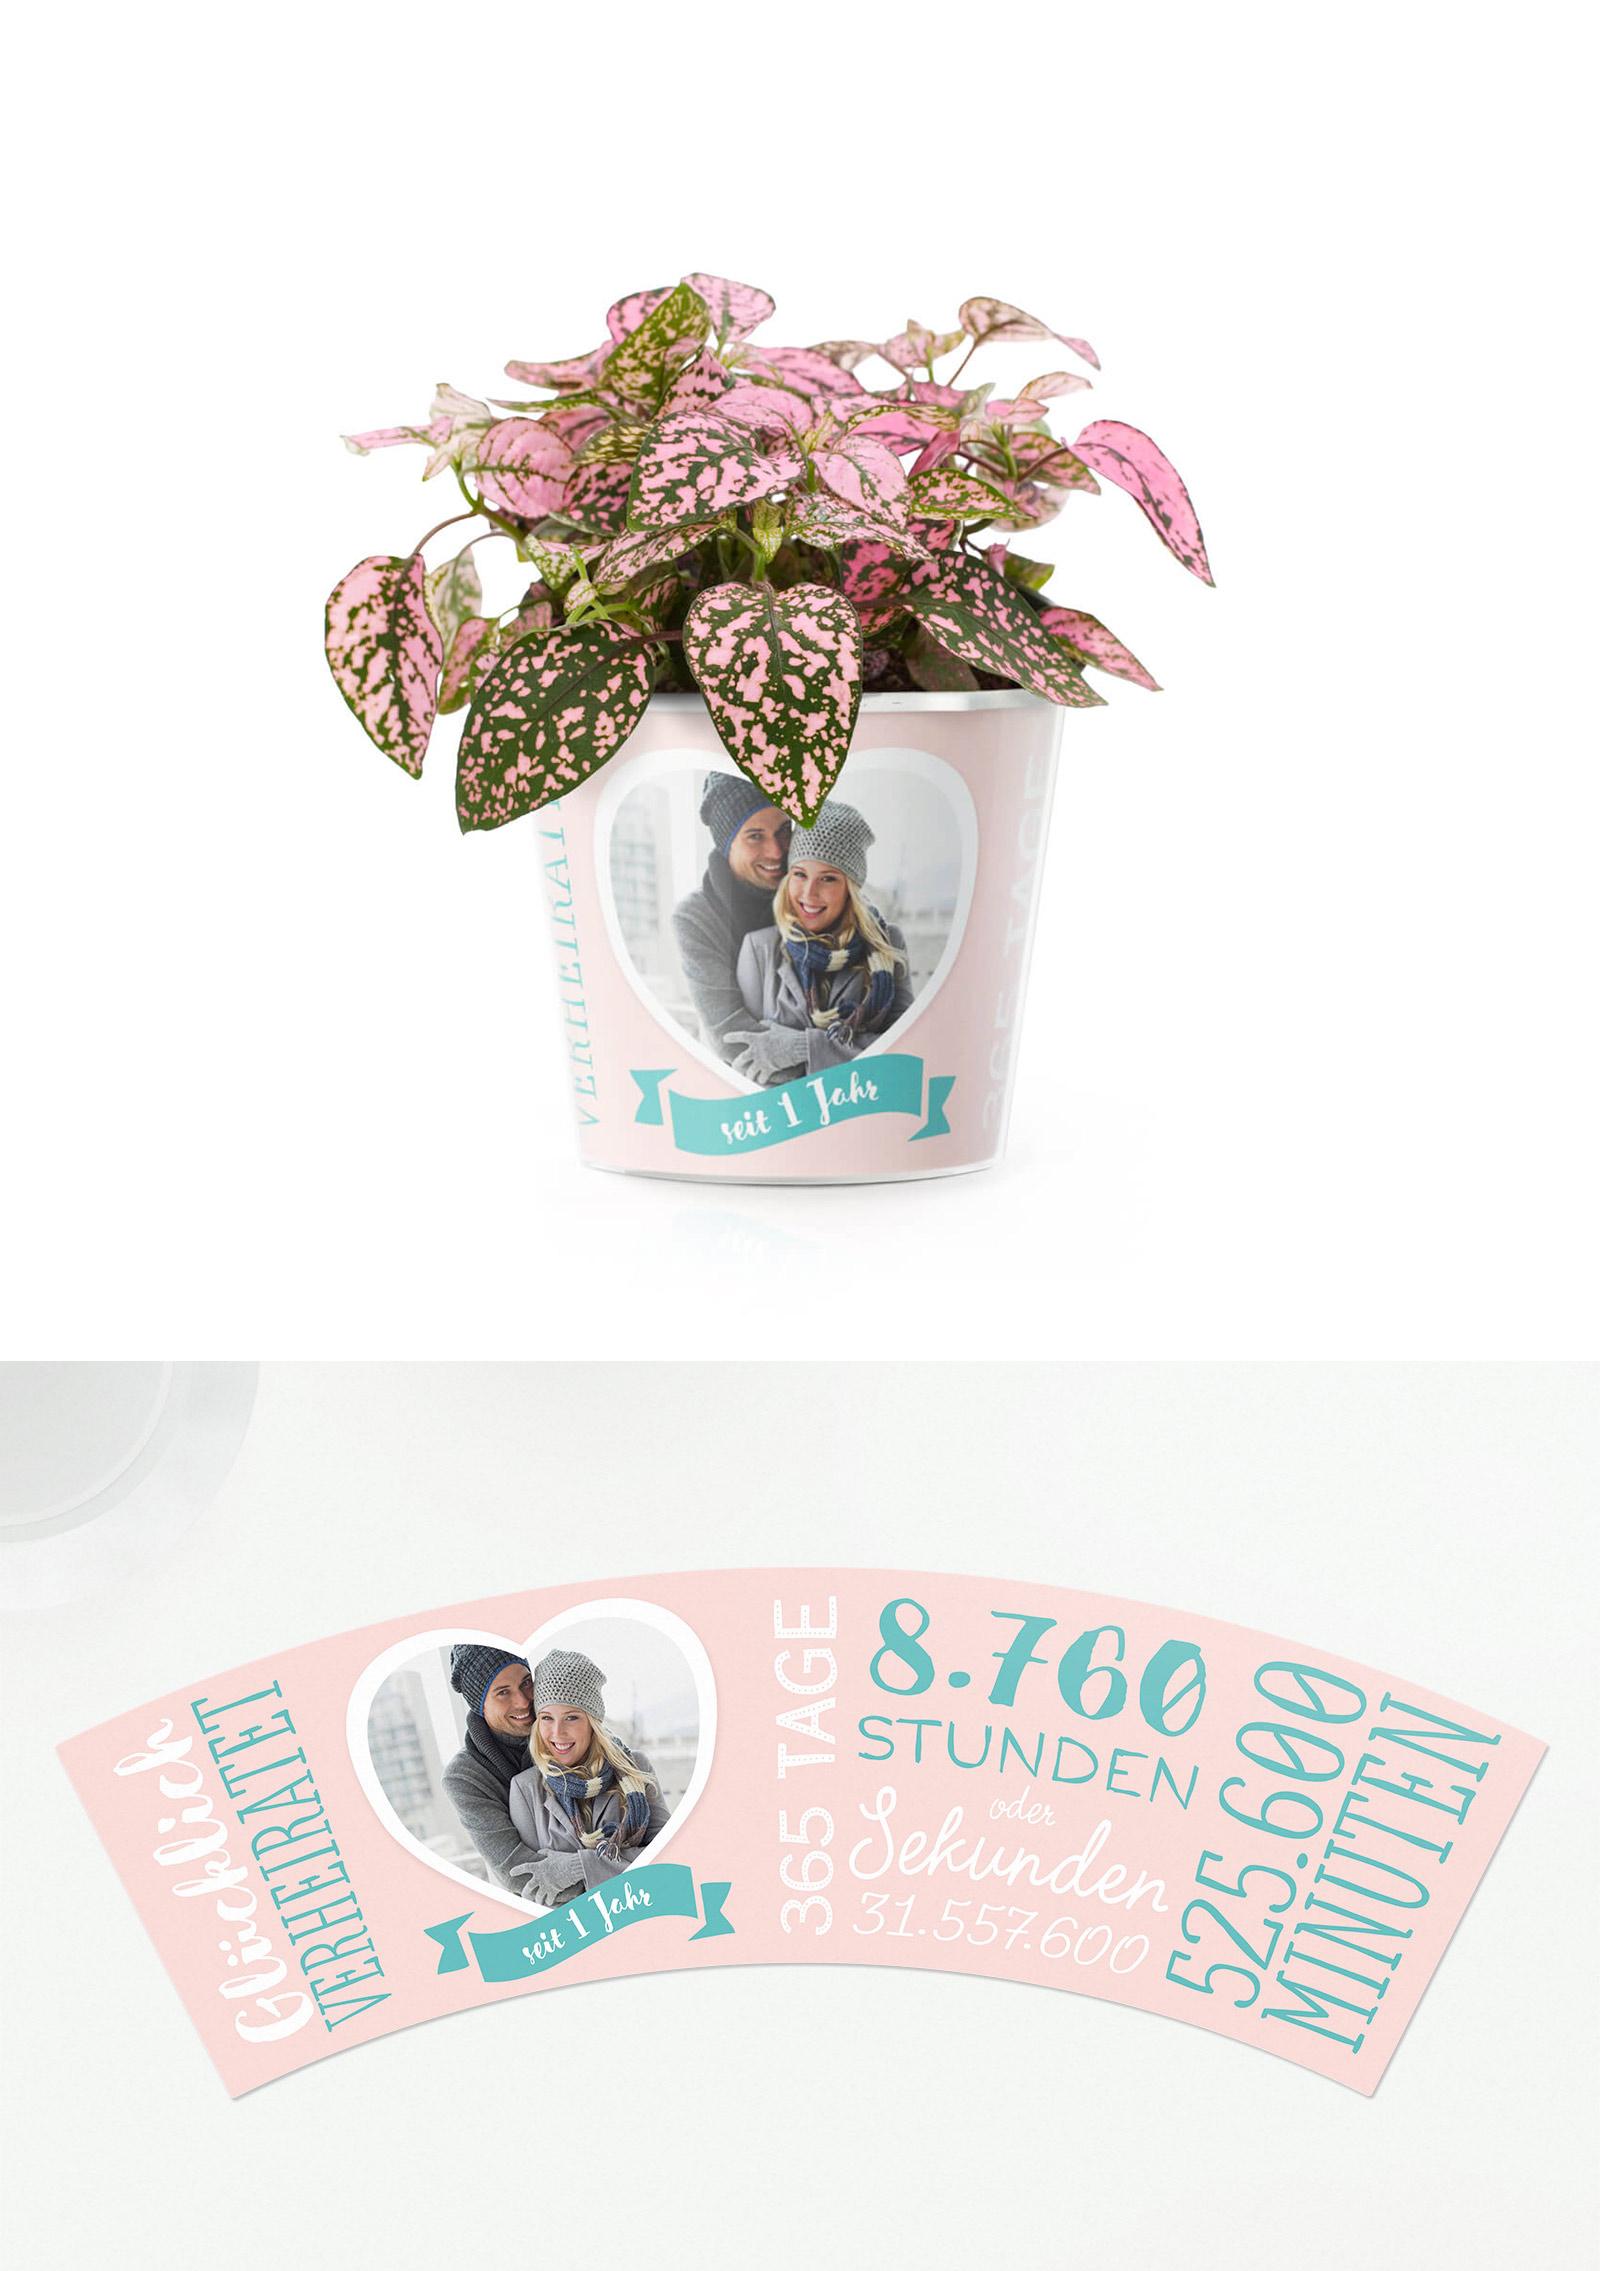 Papierhochzeit - Geschenk zum 1.Hochzeitstag